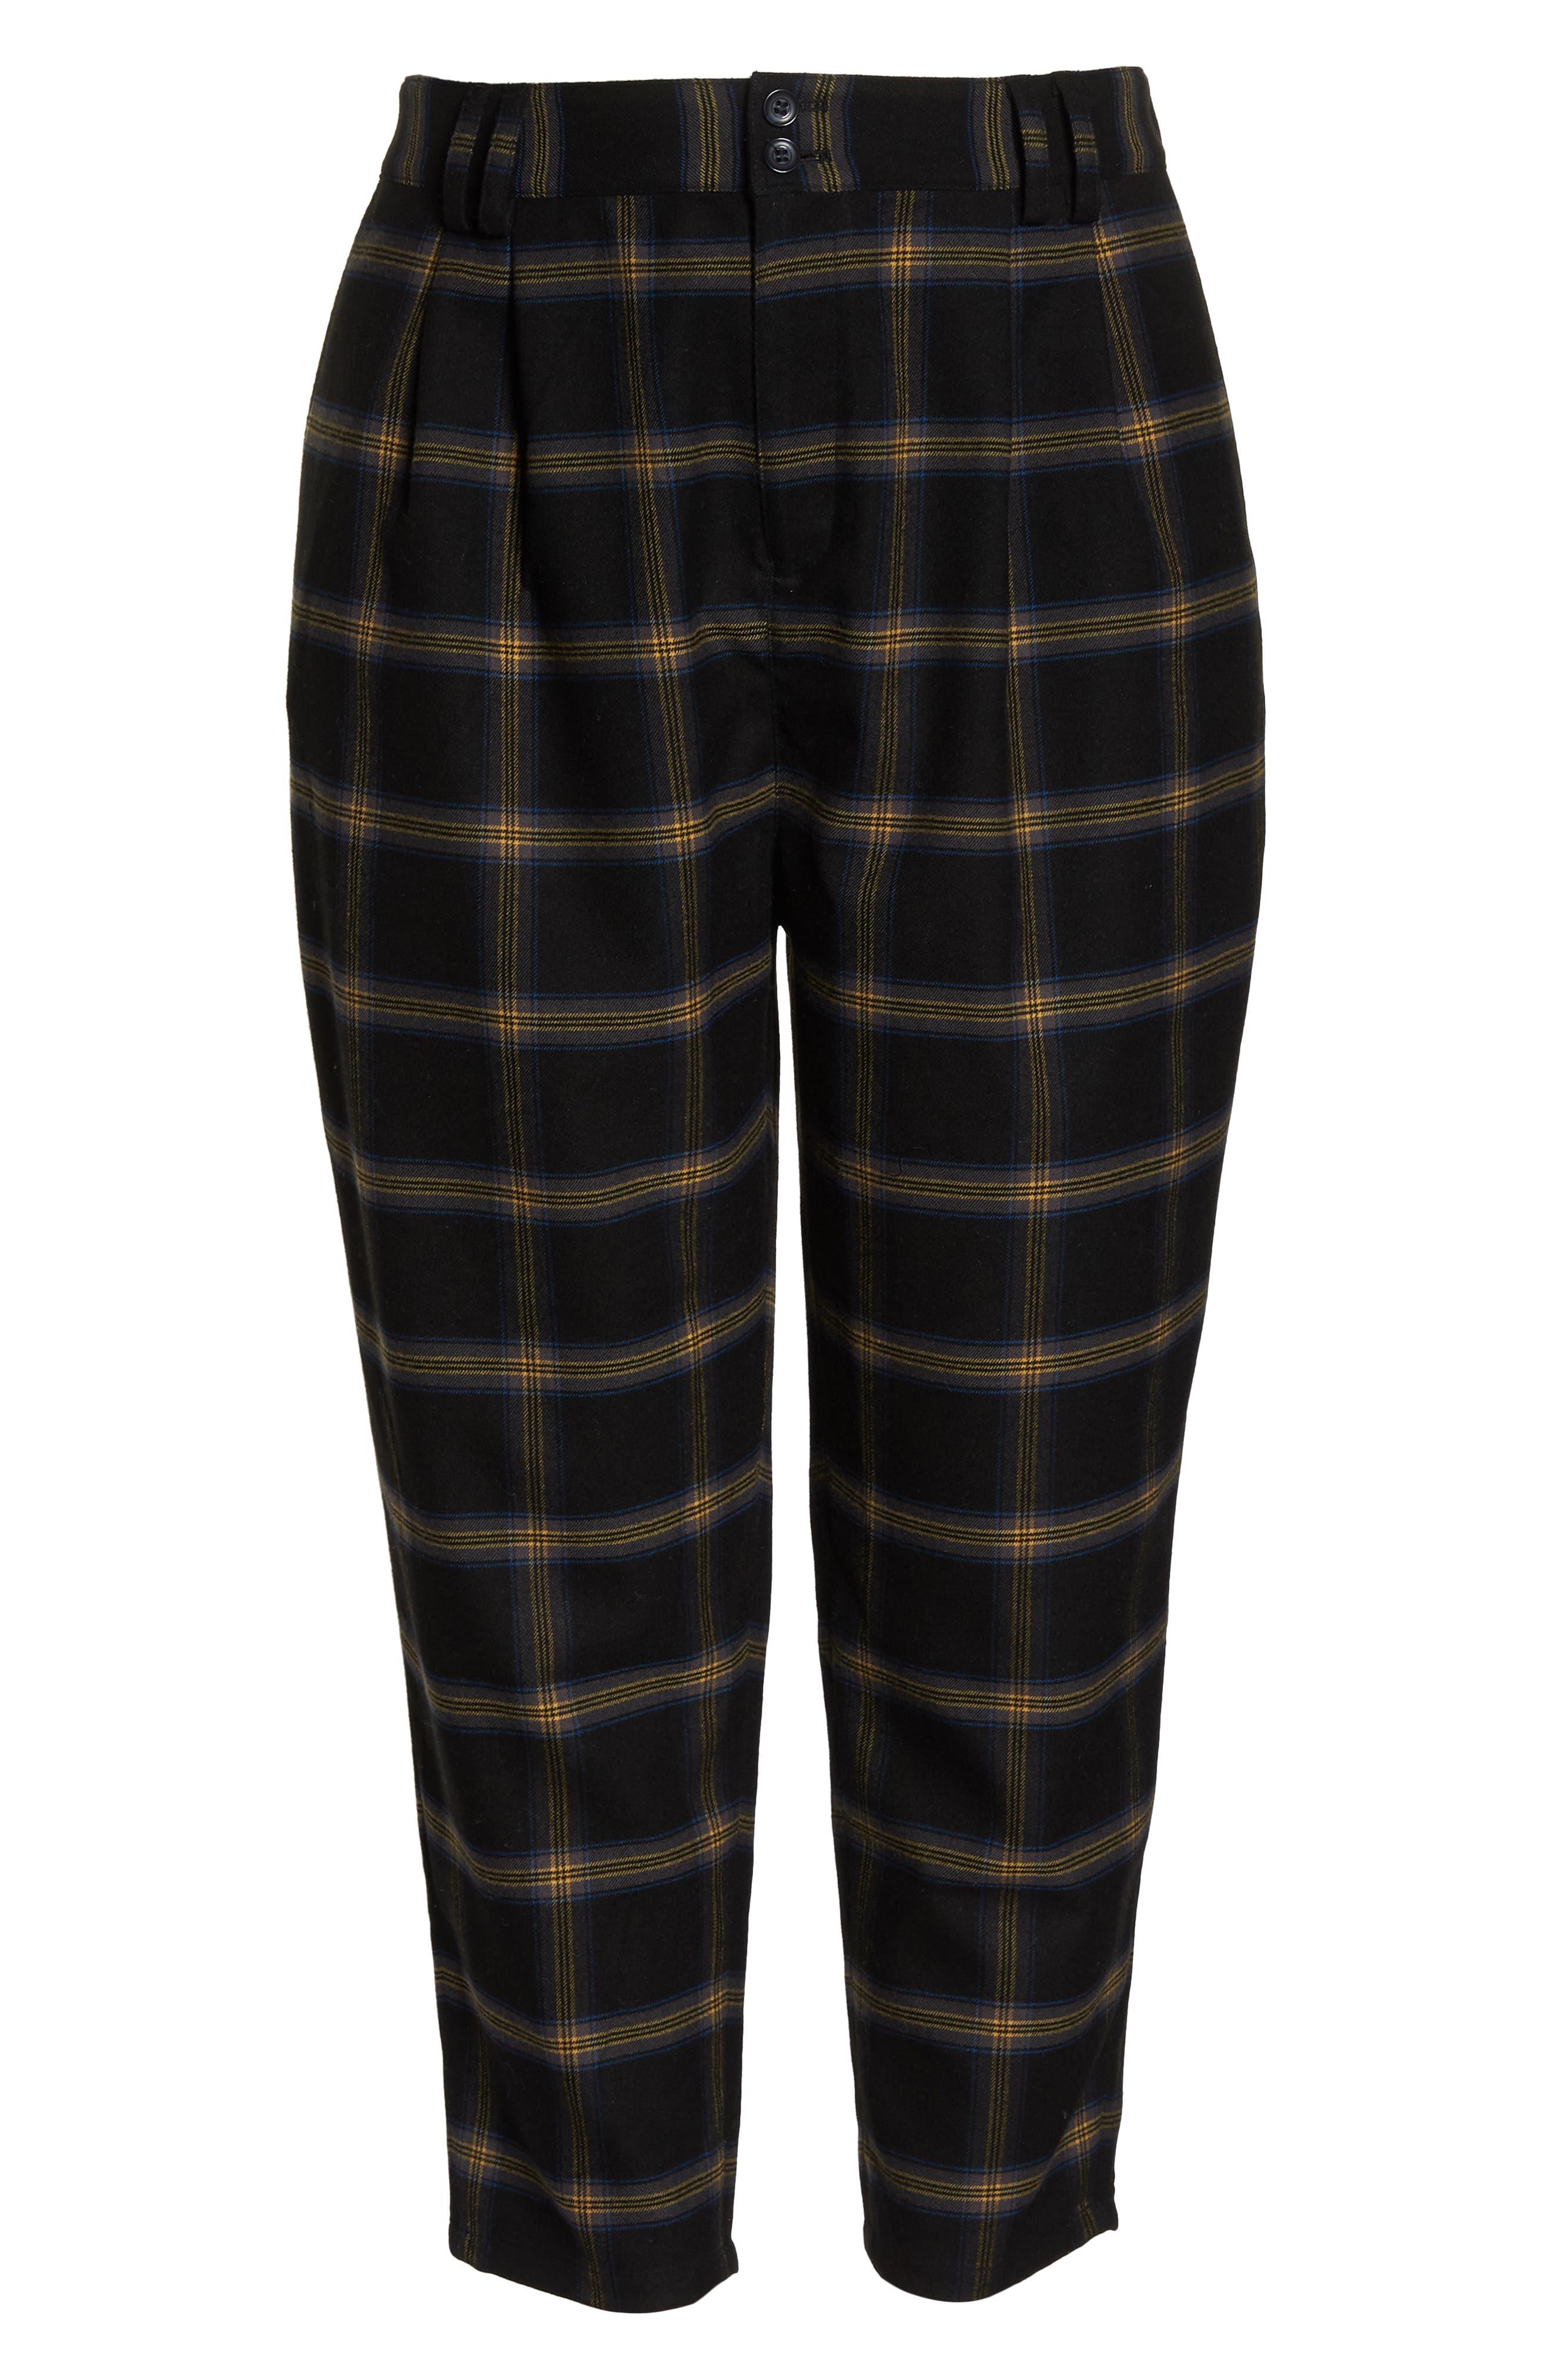 Plaid Menswear Crop Pants,                             Alternate thumbnail 7, color,                             BLACK SHANNON PLAID